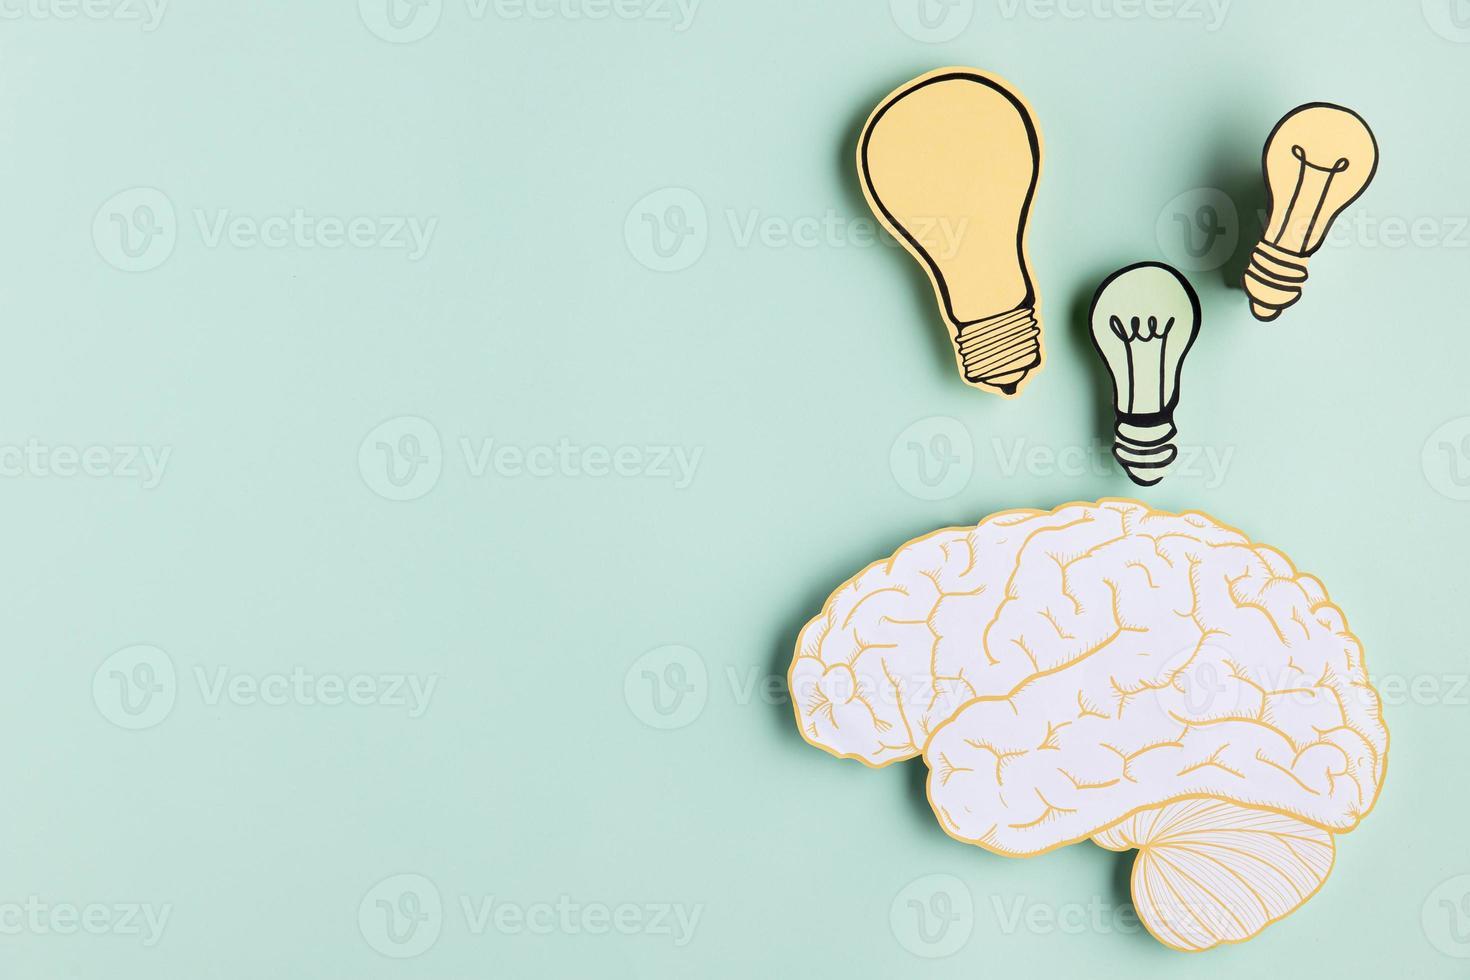 kopiera rymdpapper hjärna med glödlampa på mynta bakgrund foto